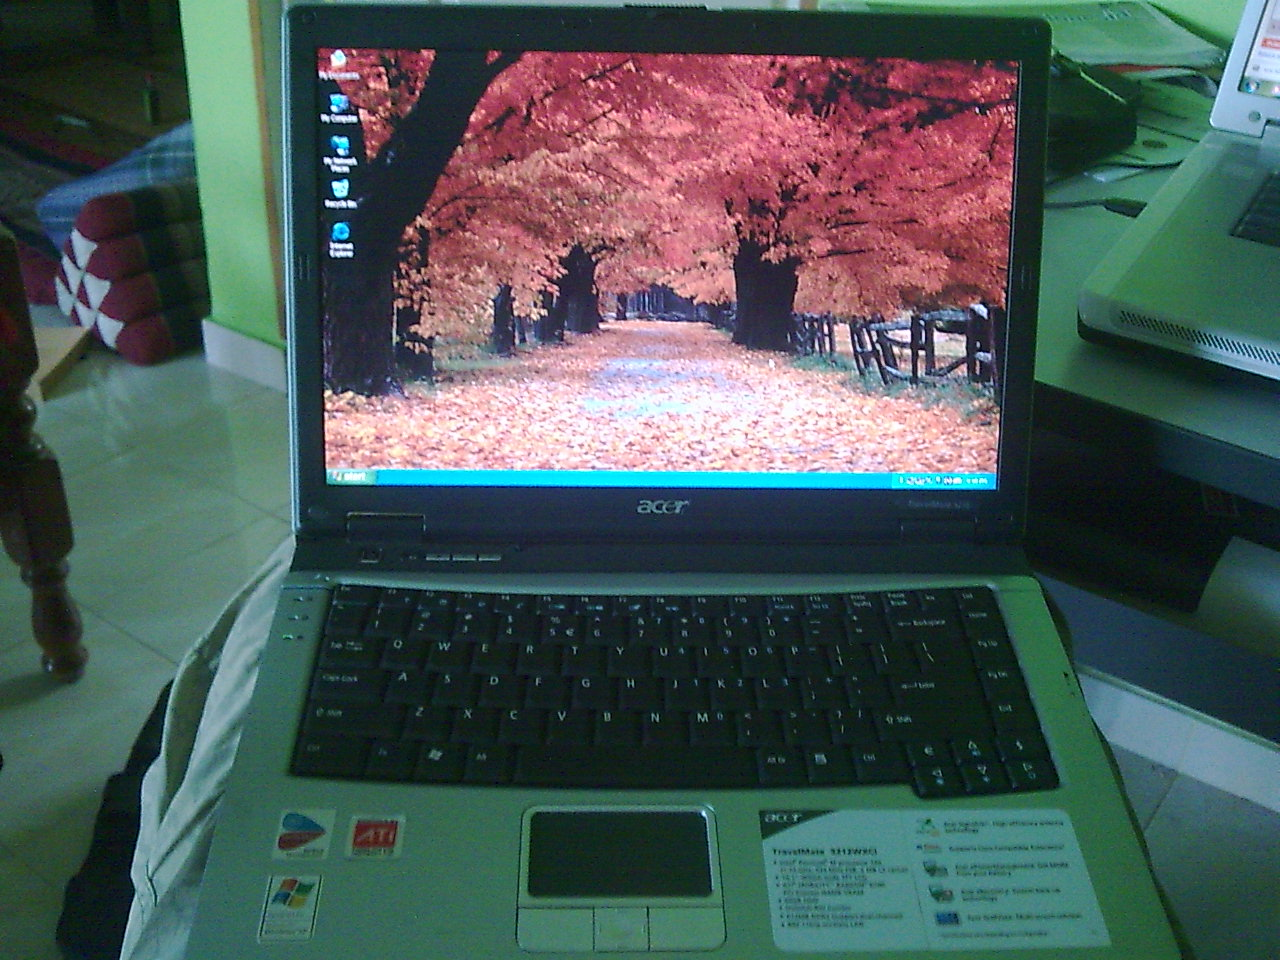 laptop untuk di jual di selangor, Laptop Acer untuk di jual, Laptop acer travelmate 3212 untuk di jual, laptop murah di Kuala lumpur, laptop murah sungai besar, laptop murah tanjong karang, laptop murah di klang